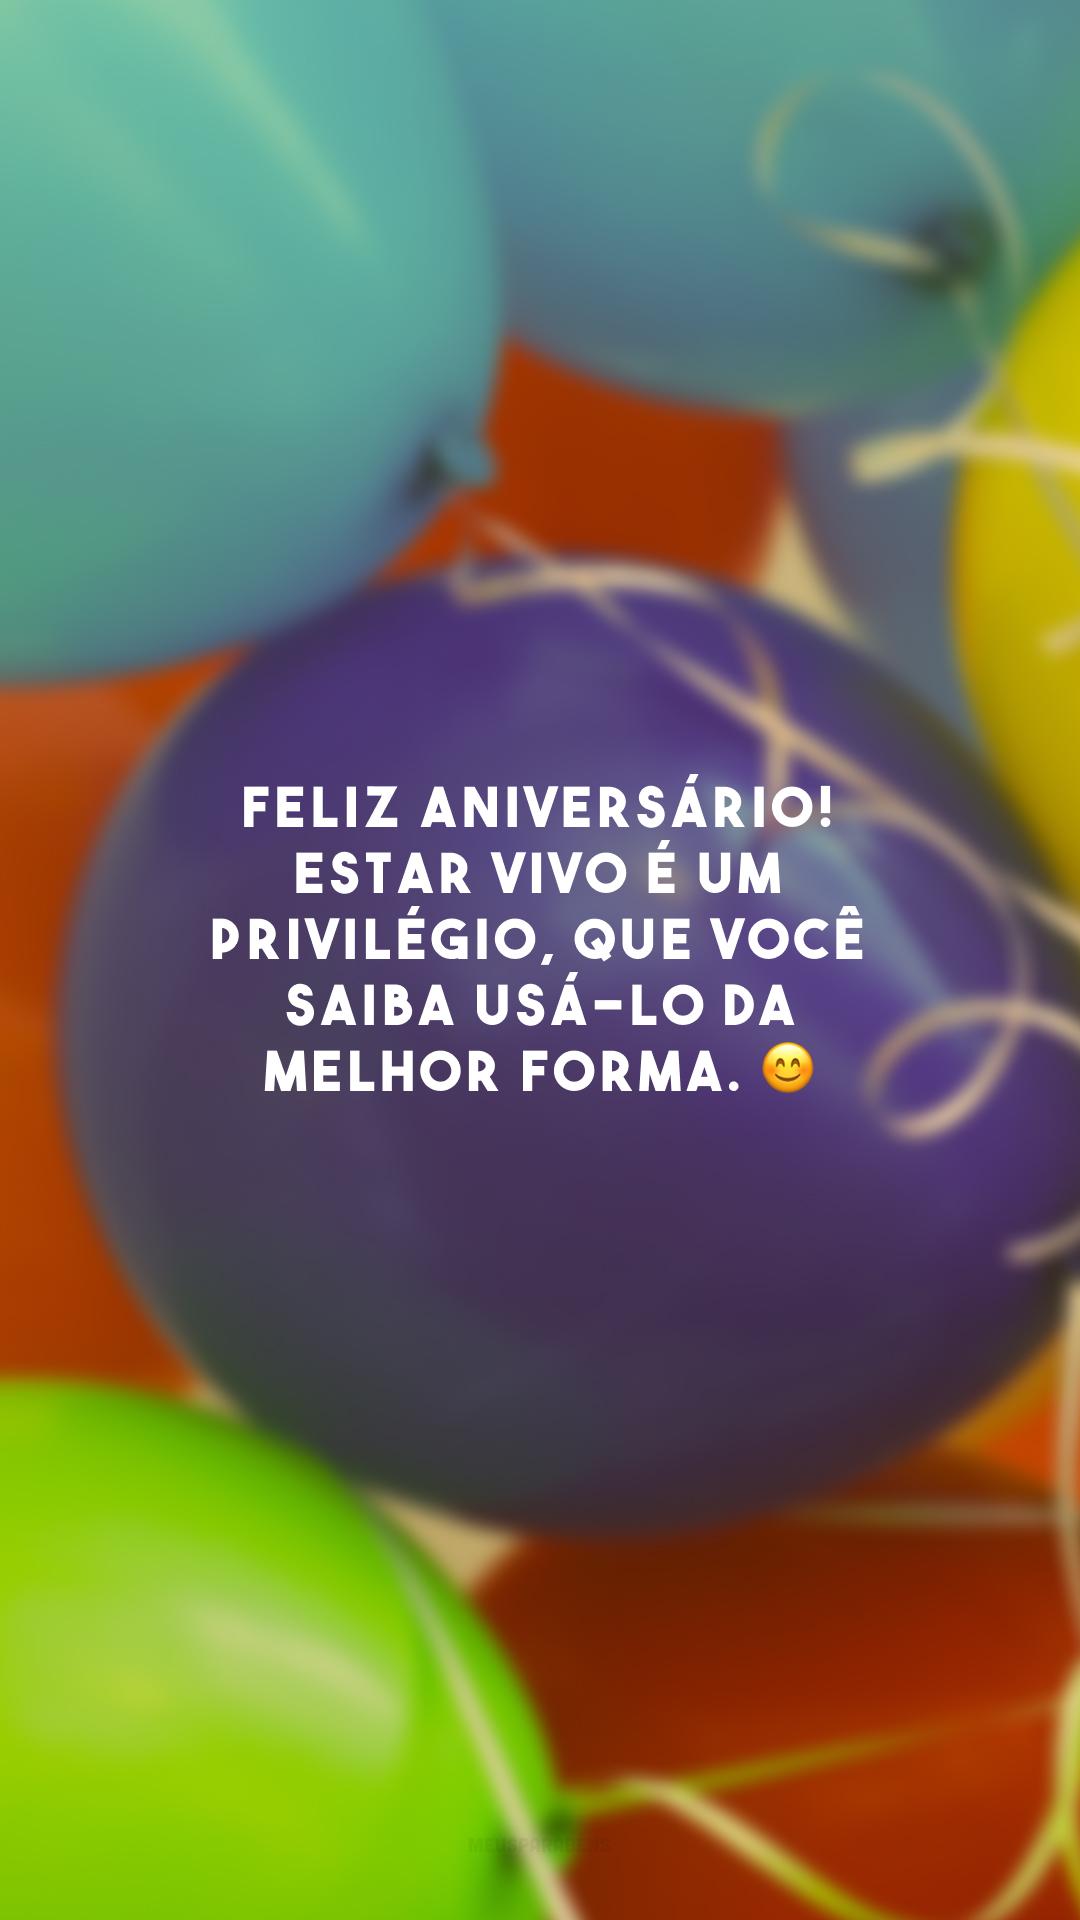 Feliz aniversário! Estar vivo é um privilégio, que você saiba usá-lo da melhor forma. 😊